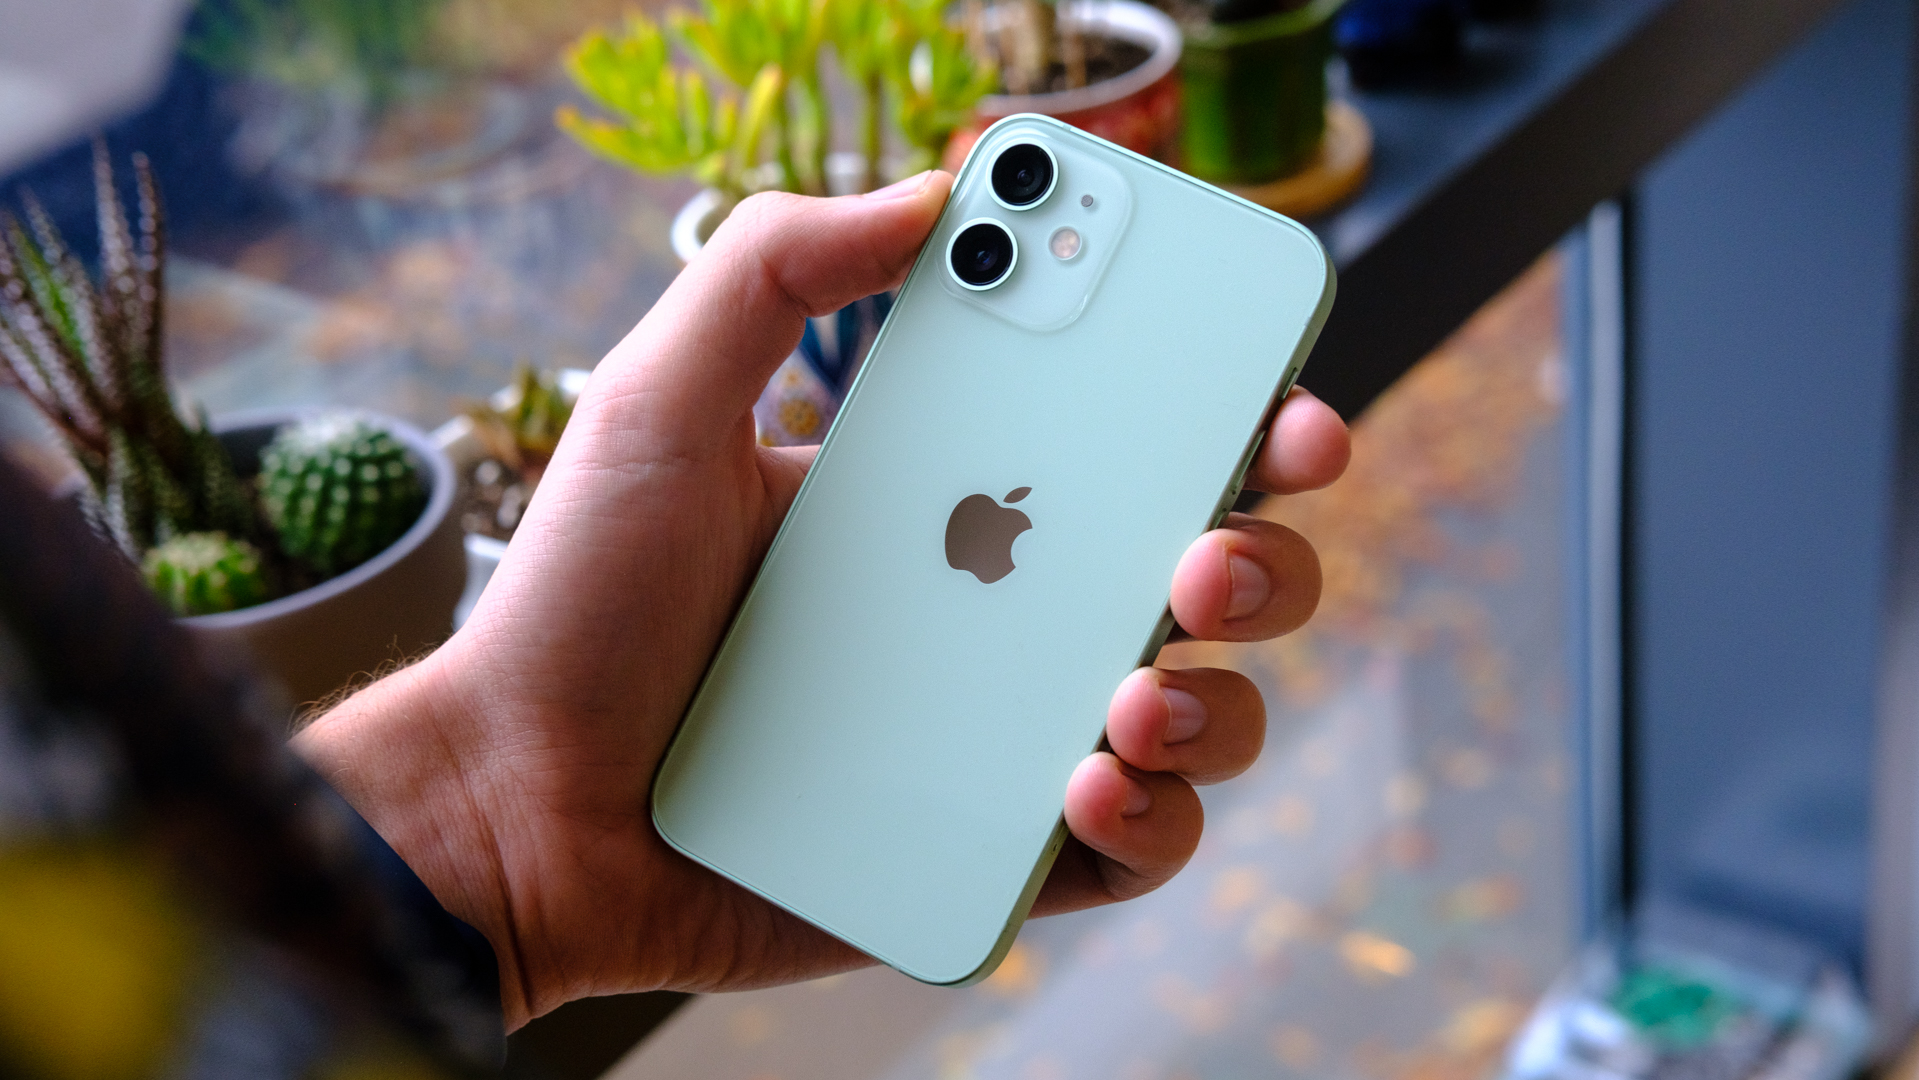 """Gửi các công ty smartphone: Hãy ngừng in những thương hiệu lố lăng """"siêu to"""" ở mặt sau thiết bị!"""